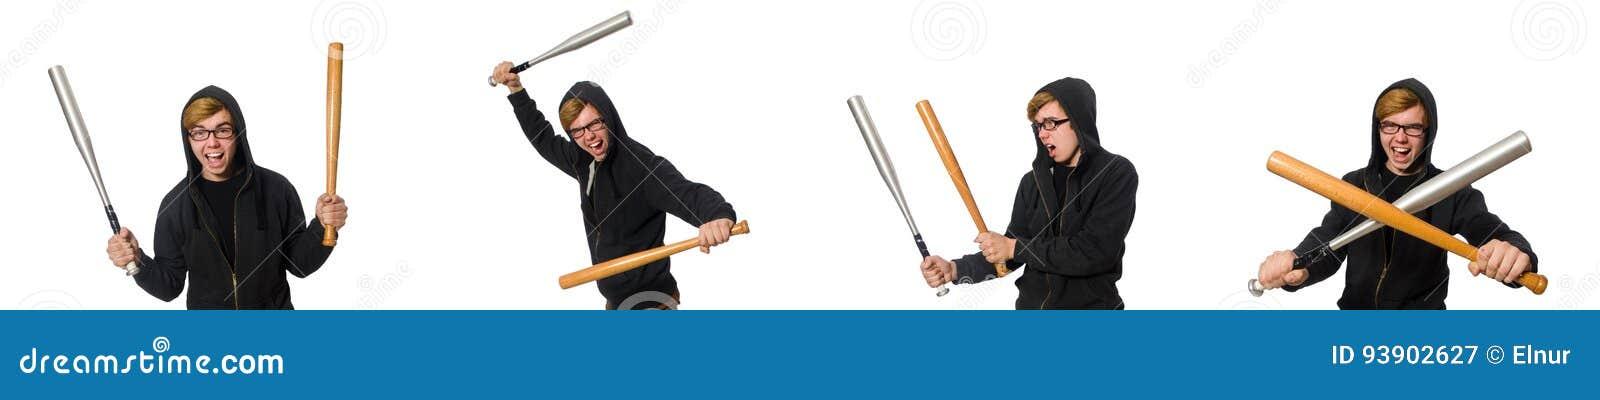 Den aggressiva mannen med baseballslagträet som isoleras på vit